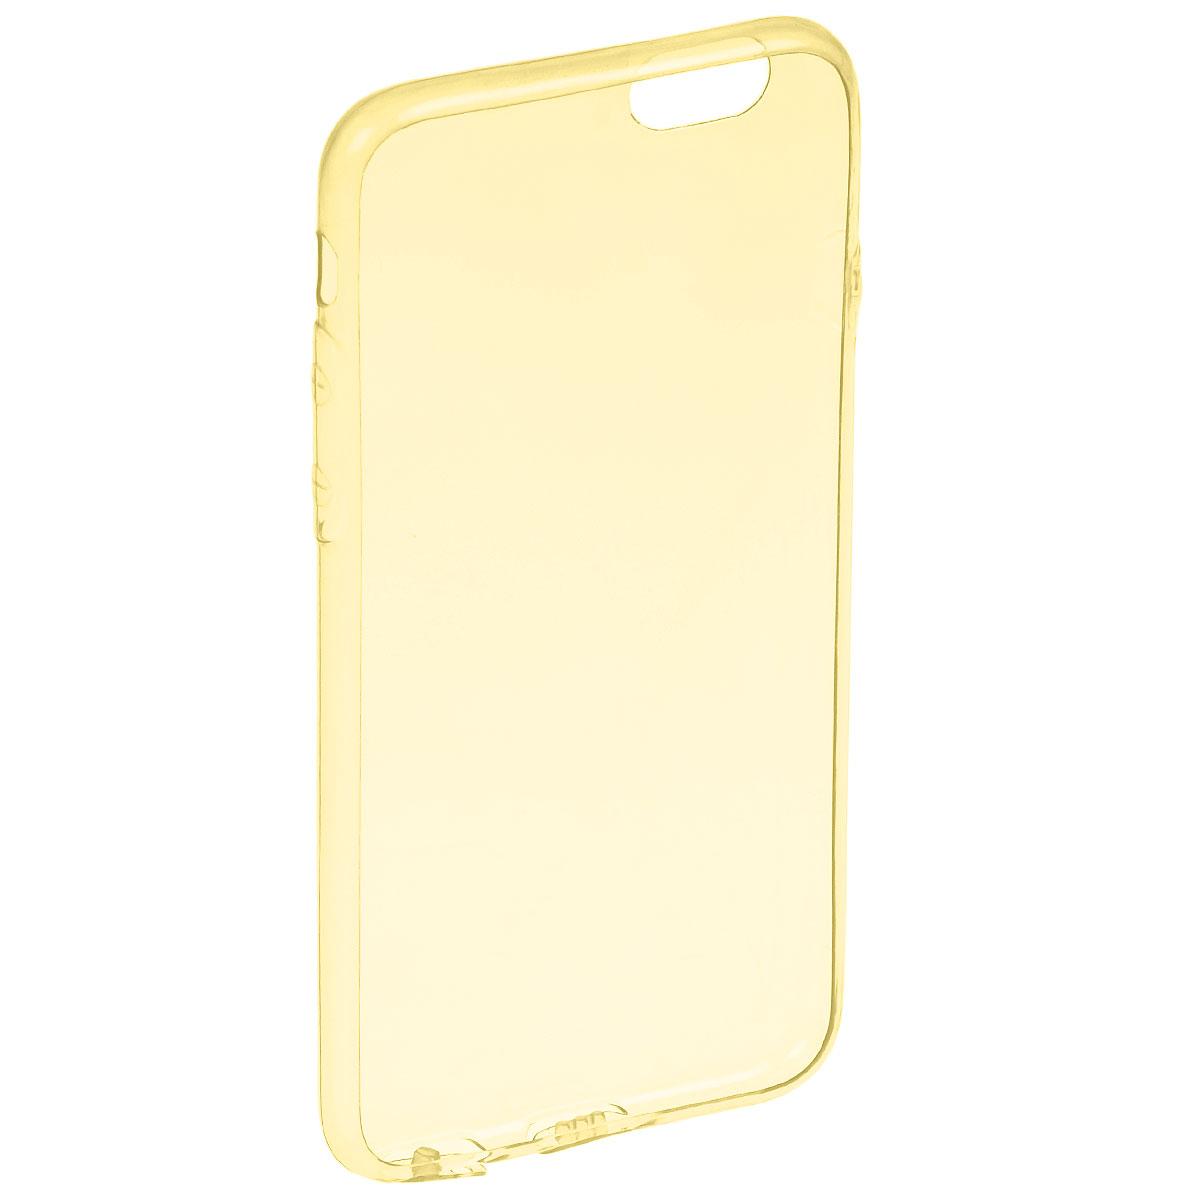 Liberty Project TPU чехол для iPhone 6, YellowR0005483Чехол Liberty Project TPU Case для iPhone 6 защитит ваш гаджет от механических повреждений и влаги. Чехол имеет свободный доступ ко всем разъемам и клавишам устройства.